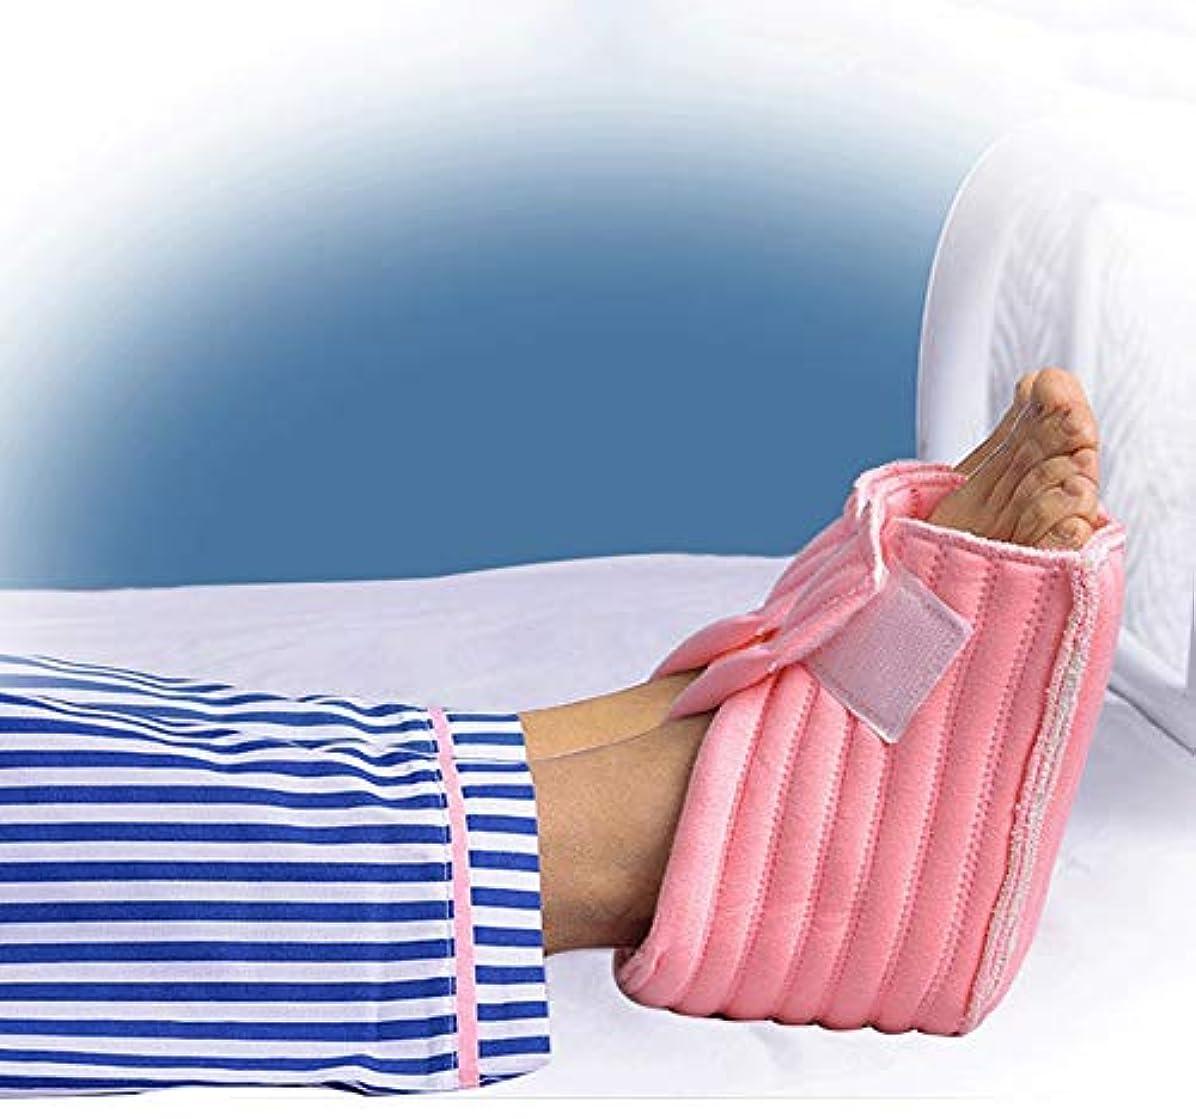 パターンツールクレーターかかとプロテクター枕、Pressure瘡の予防のための足枕かかとクッションプロテクター、高齢者の足補正カバー-ワンサイズフィットすべて-1ペア